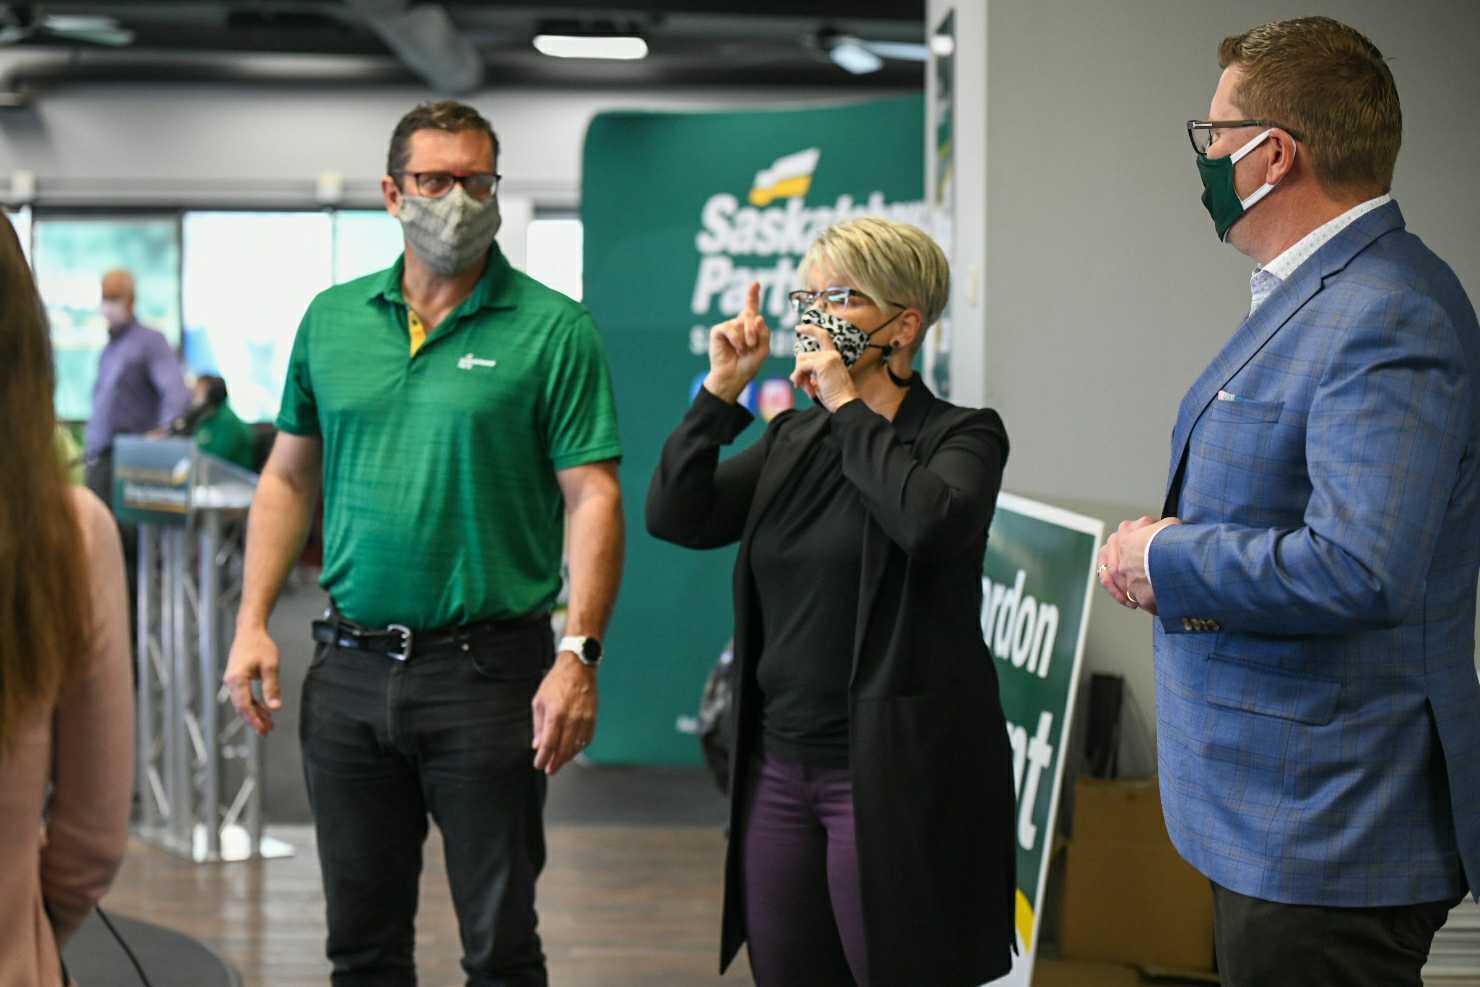 Saskatchewan Party Will Improve Deafblind Services in Saskatchewan